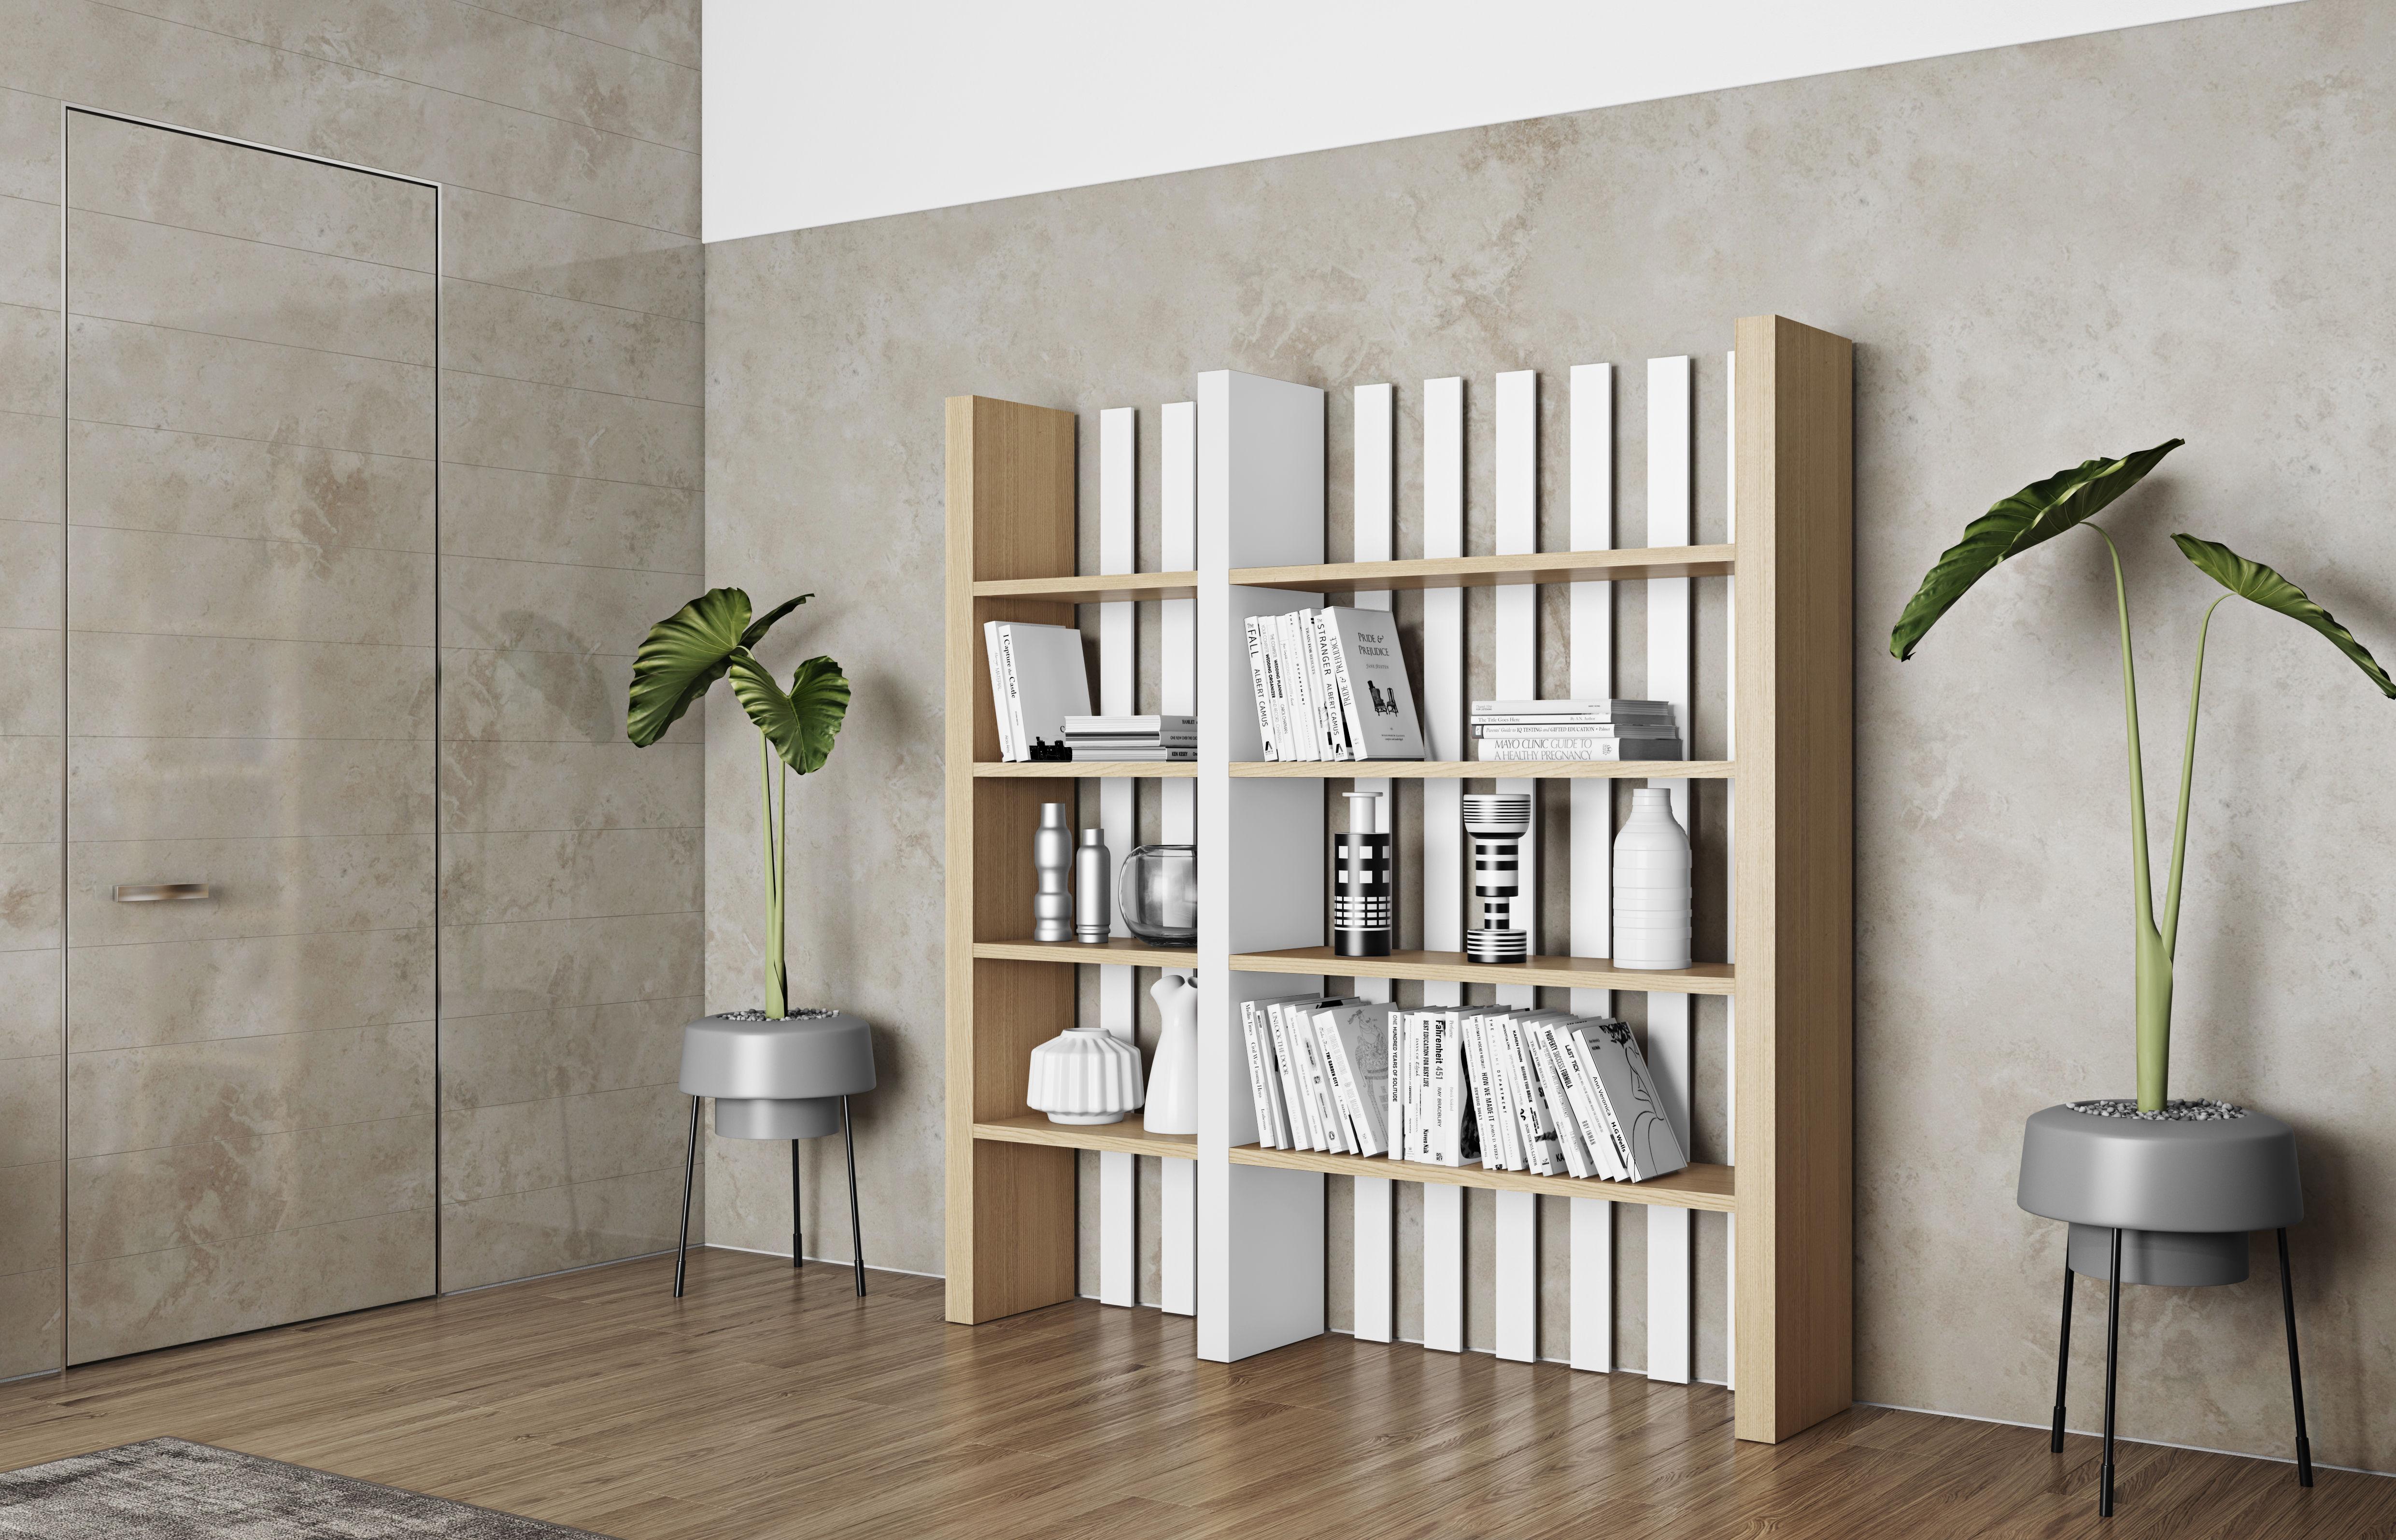 biblioth que stockholm l 182 x h 190 cm ch ne blanc pop up home made in design. Black Bedroom Furniture Sets. Home Design Ideas